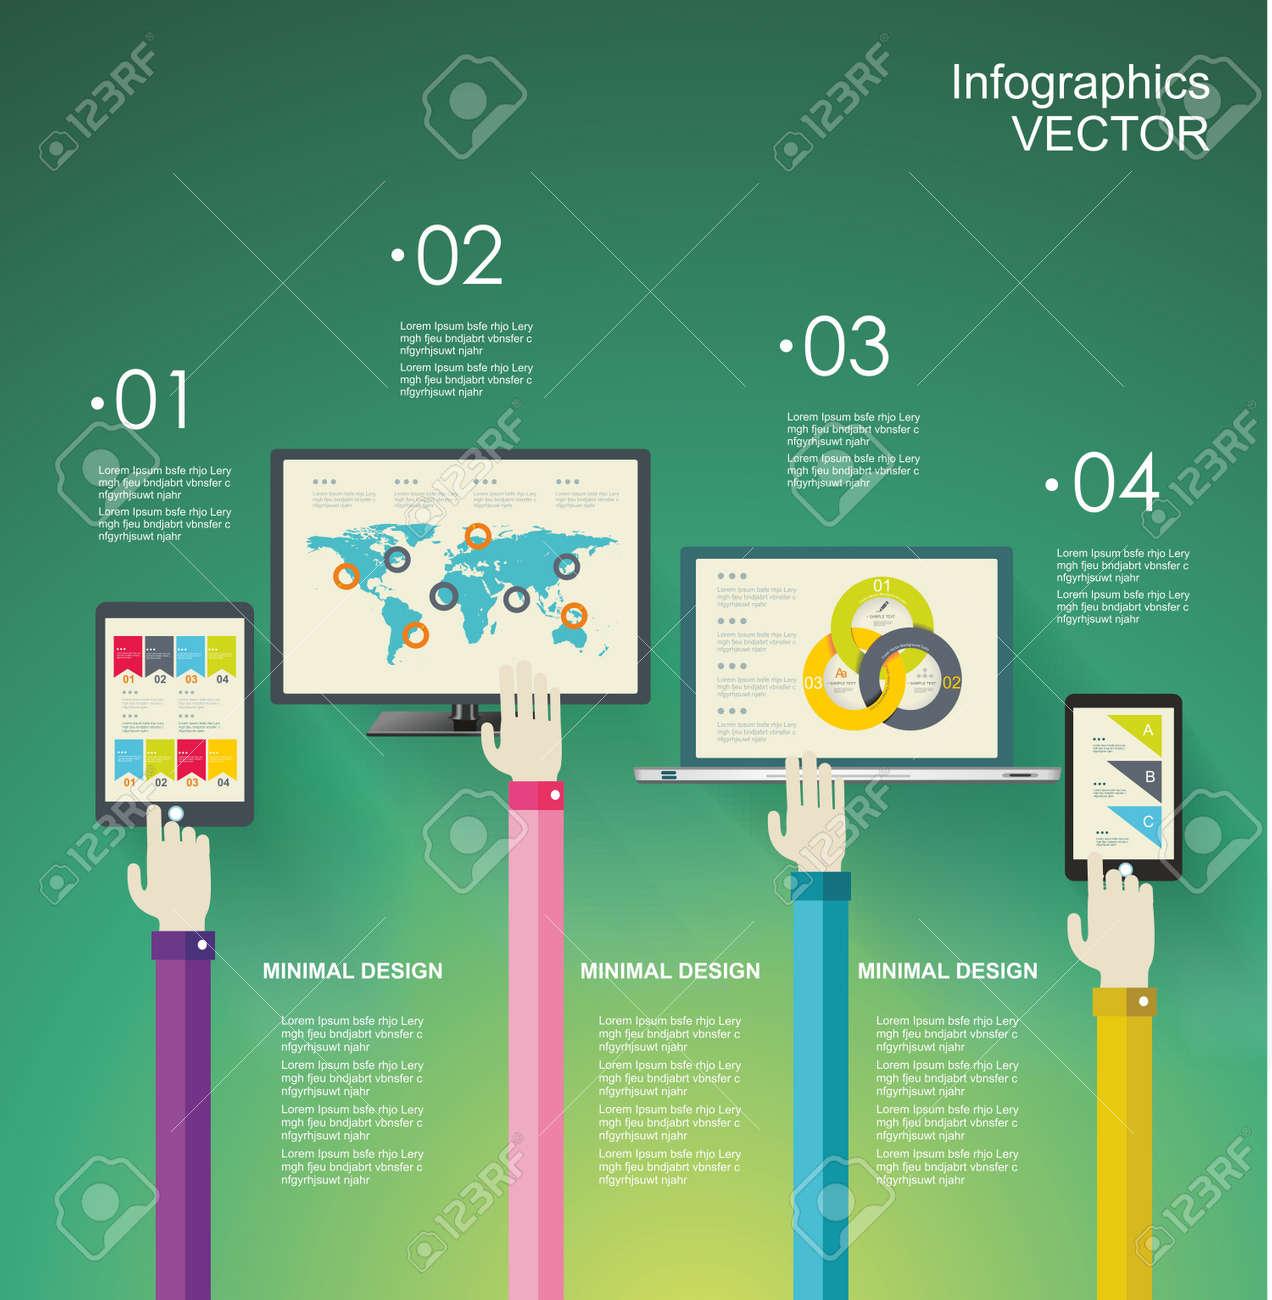 Design Plat Modernes Icônes Illustration Vectorielle Fixés Pour Les  Applications Mobiles, Processus De Programmation Et Des éléments D analyse  Web. f177dc473fc2